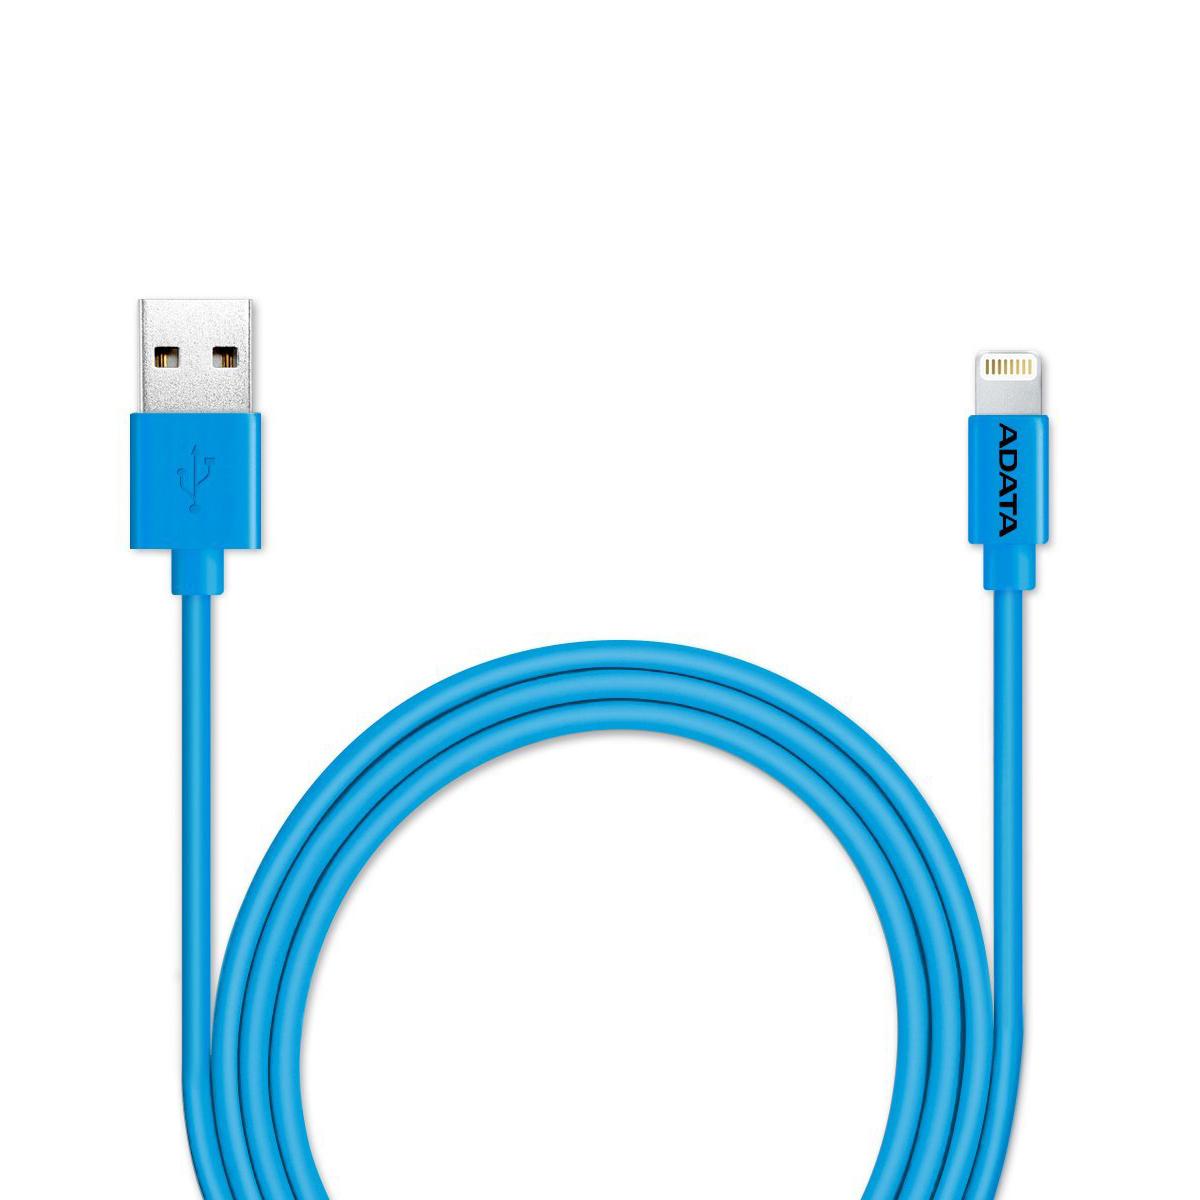 ADATA Lightning-USB MFI, Blue кабель (1 м)21702Кабель ADATA Lightning-USB MFI, для зарядки и синхронизации с сертификатом MFi от компании ADATA позволит вам без проблем заряжать устройства iPhone, iPad и iPod и выполнять синхронизацию данных между устройствами для поддержания высокой мобильности вашей жизни! Имеющий прочную многослойную структуру с использованием луженых медных проводников, надежный и долговечный кабель зарядки и синхронизации Apple Lightning обеспечивает быструю зарядку током до 2,4А и эффективную защиту от вредных электромагнитных помех.Кабель зарядки и синхронизации Apple Lightning - это стильный мобильный аксессуар, выпускаемый в нескольких ярких цветных и металлизированных вариантах, включая варианты с подобранным по цвету кабельным хомутом, обеспечивающим удобство укладки кабеля.